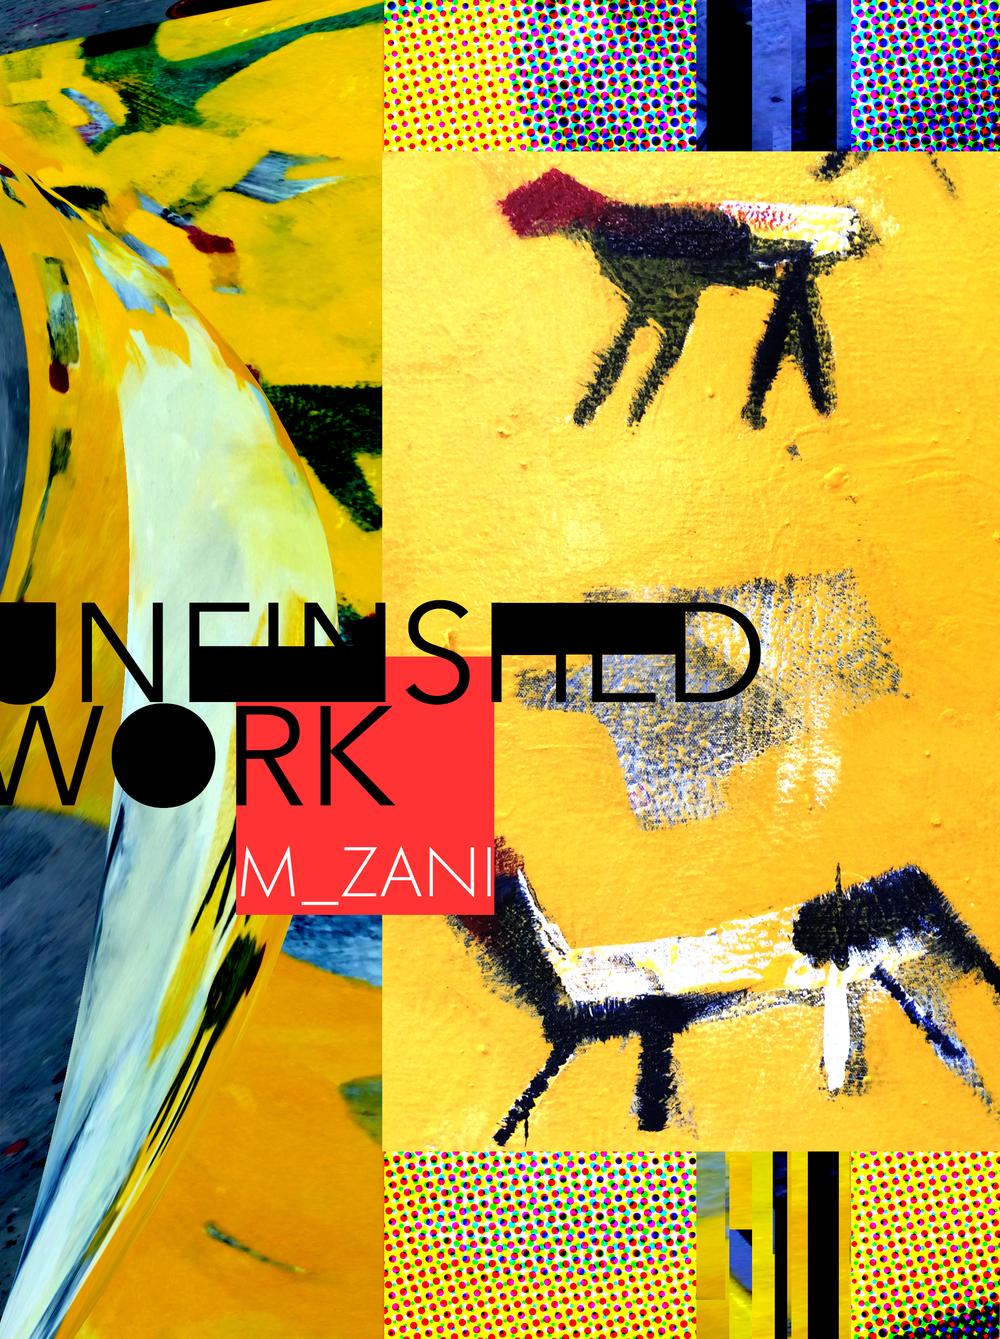 UnfinshedWork_03.jpg